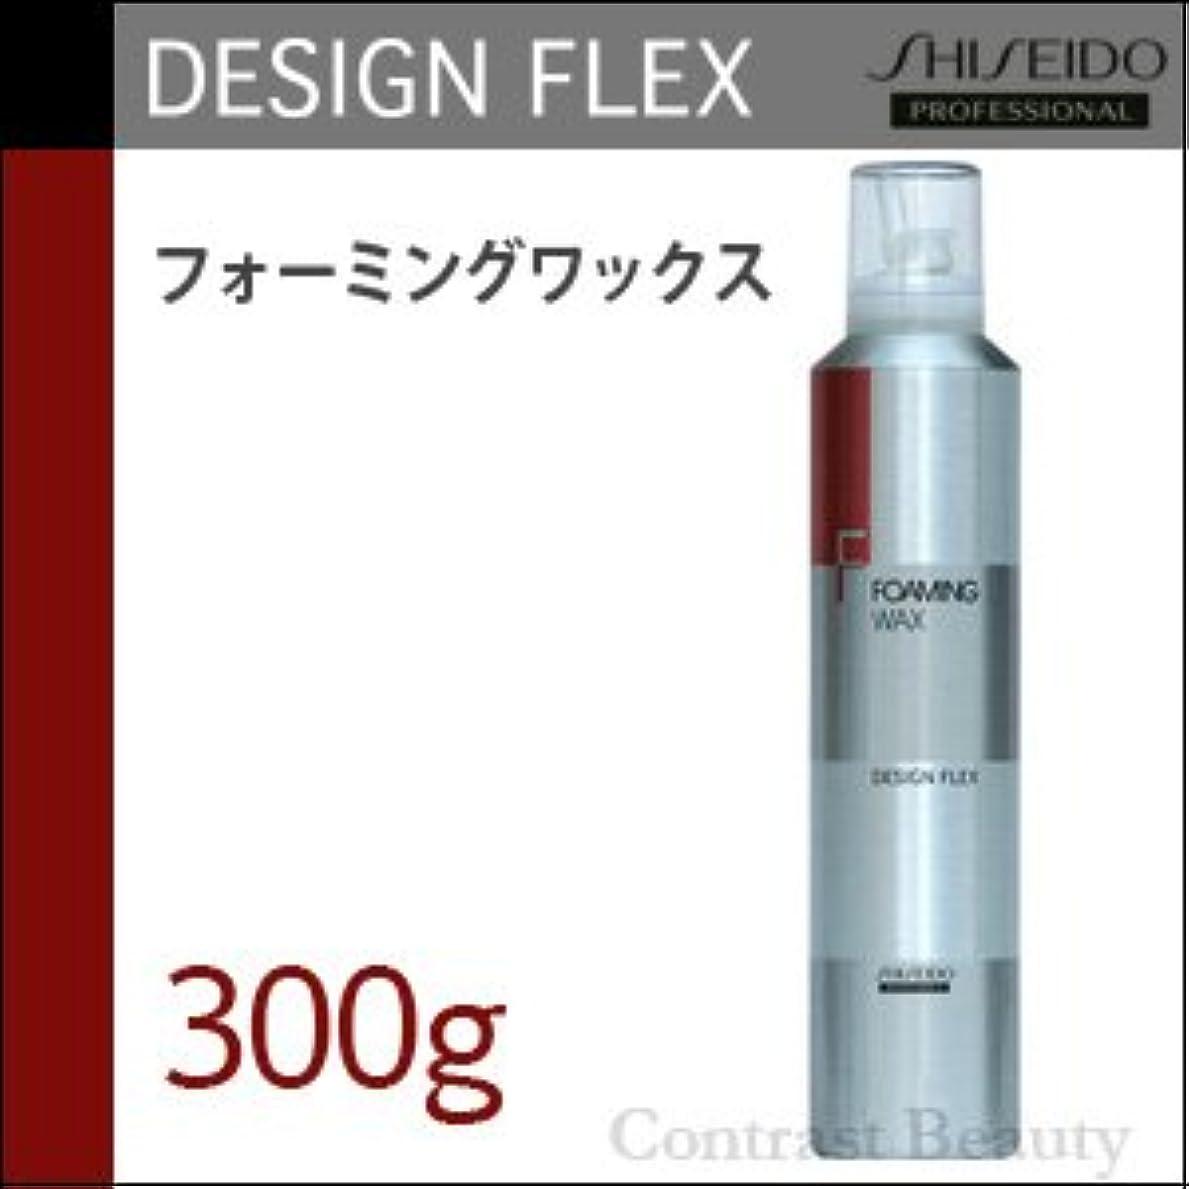 居心地の良いリングレット世界に死んだ【x4個セット】 資生堂 デザインフレックス フォーミングワックス 300g